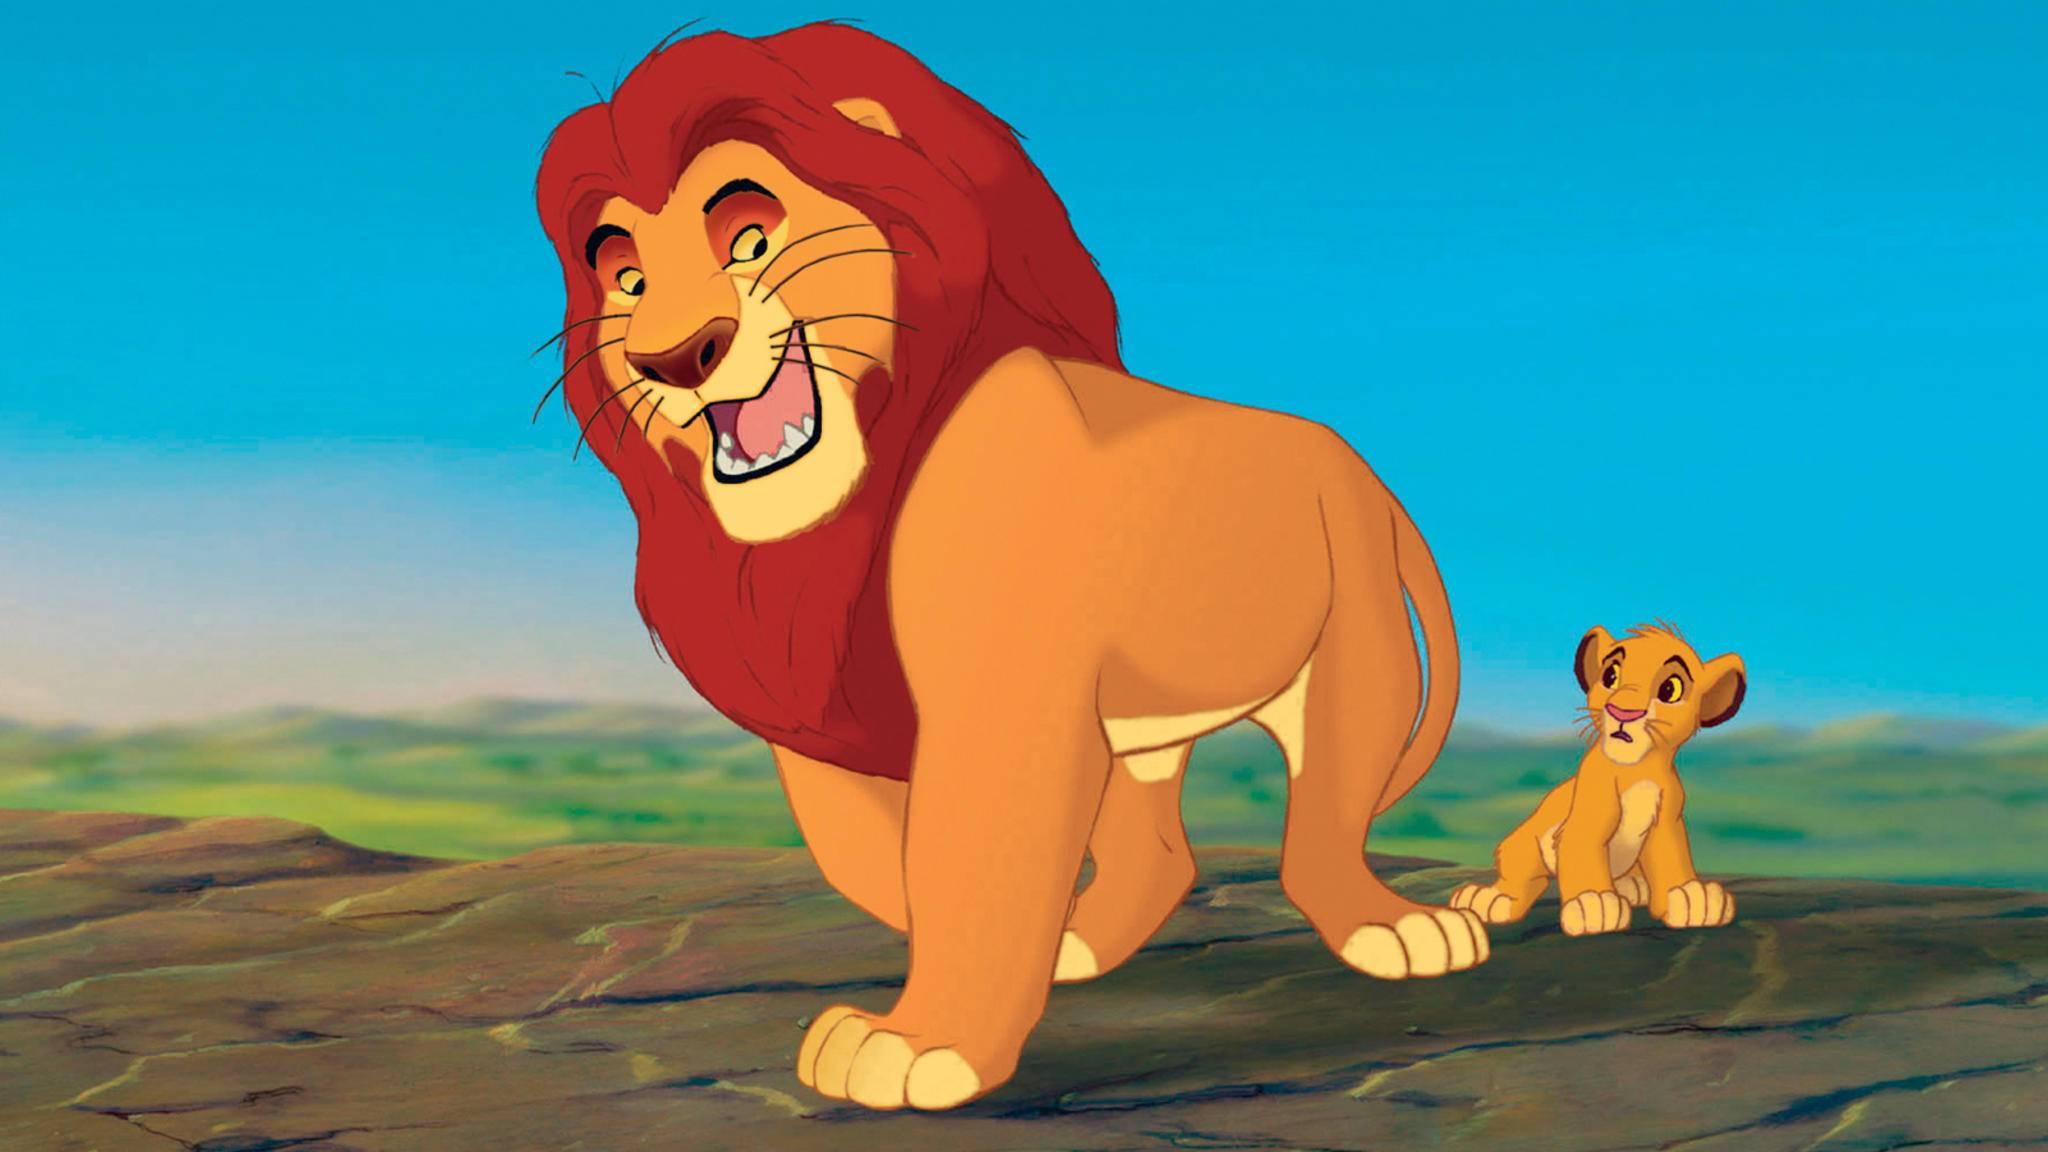 Auch, wenn er nur gezeichnet ist: Mufasa geht locker als einer der perfektesten Filmväter durch.